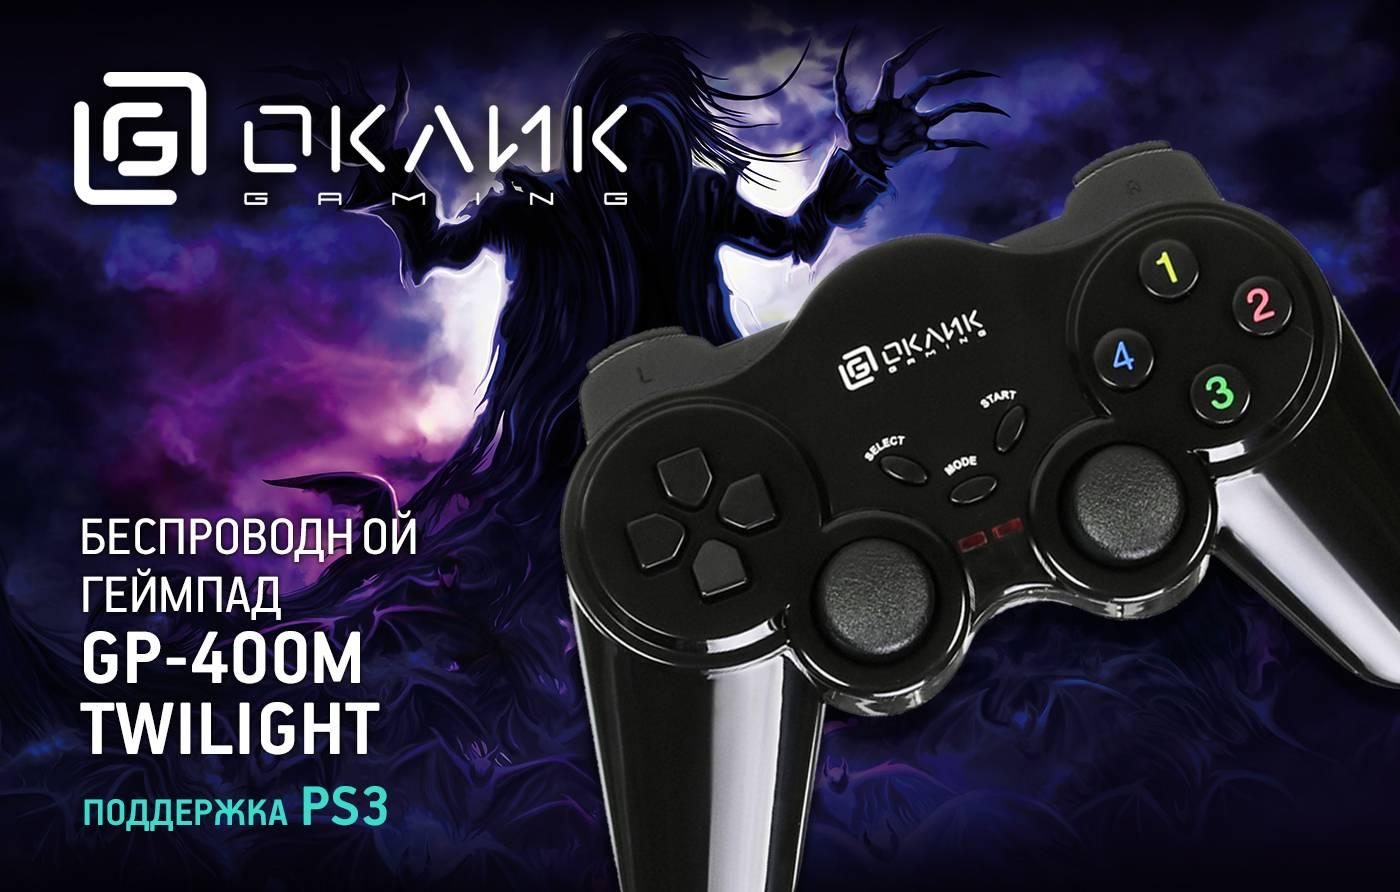 Геймпад Oklick GP-400MW Twilight: для твоей идеальной игры